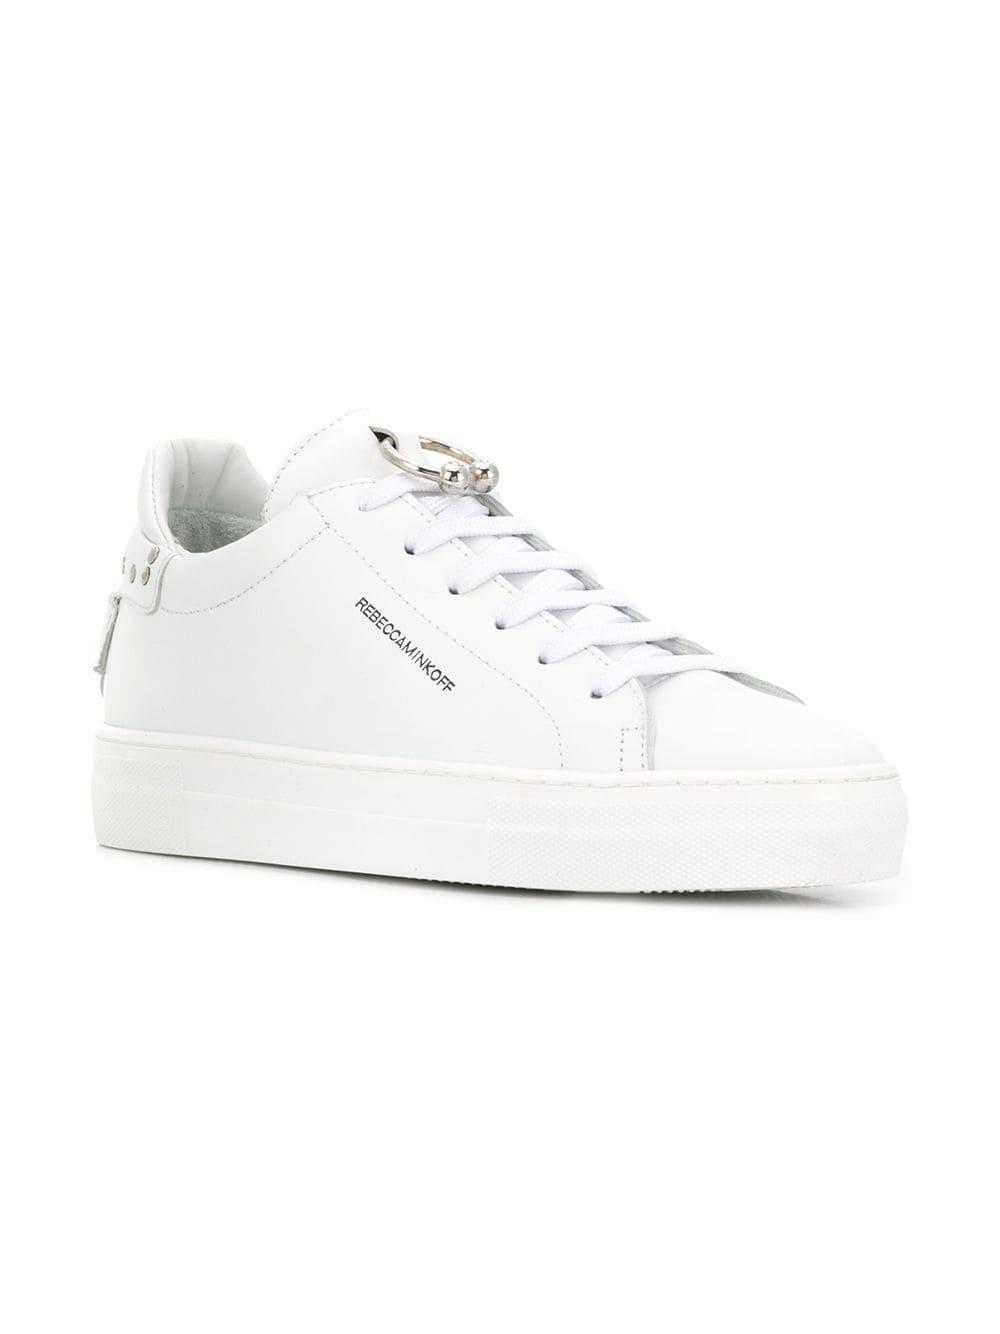 Rebecca Minkoff Cotton Paloma Sneakers